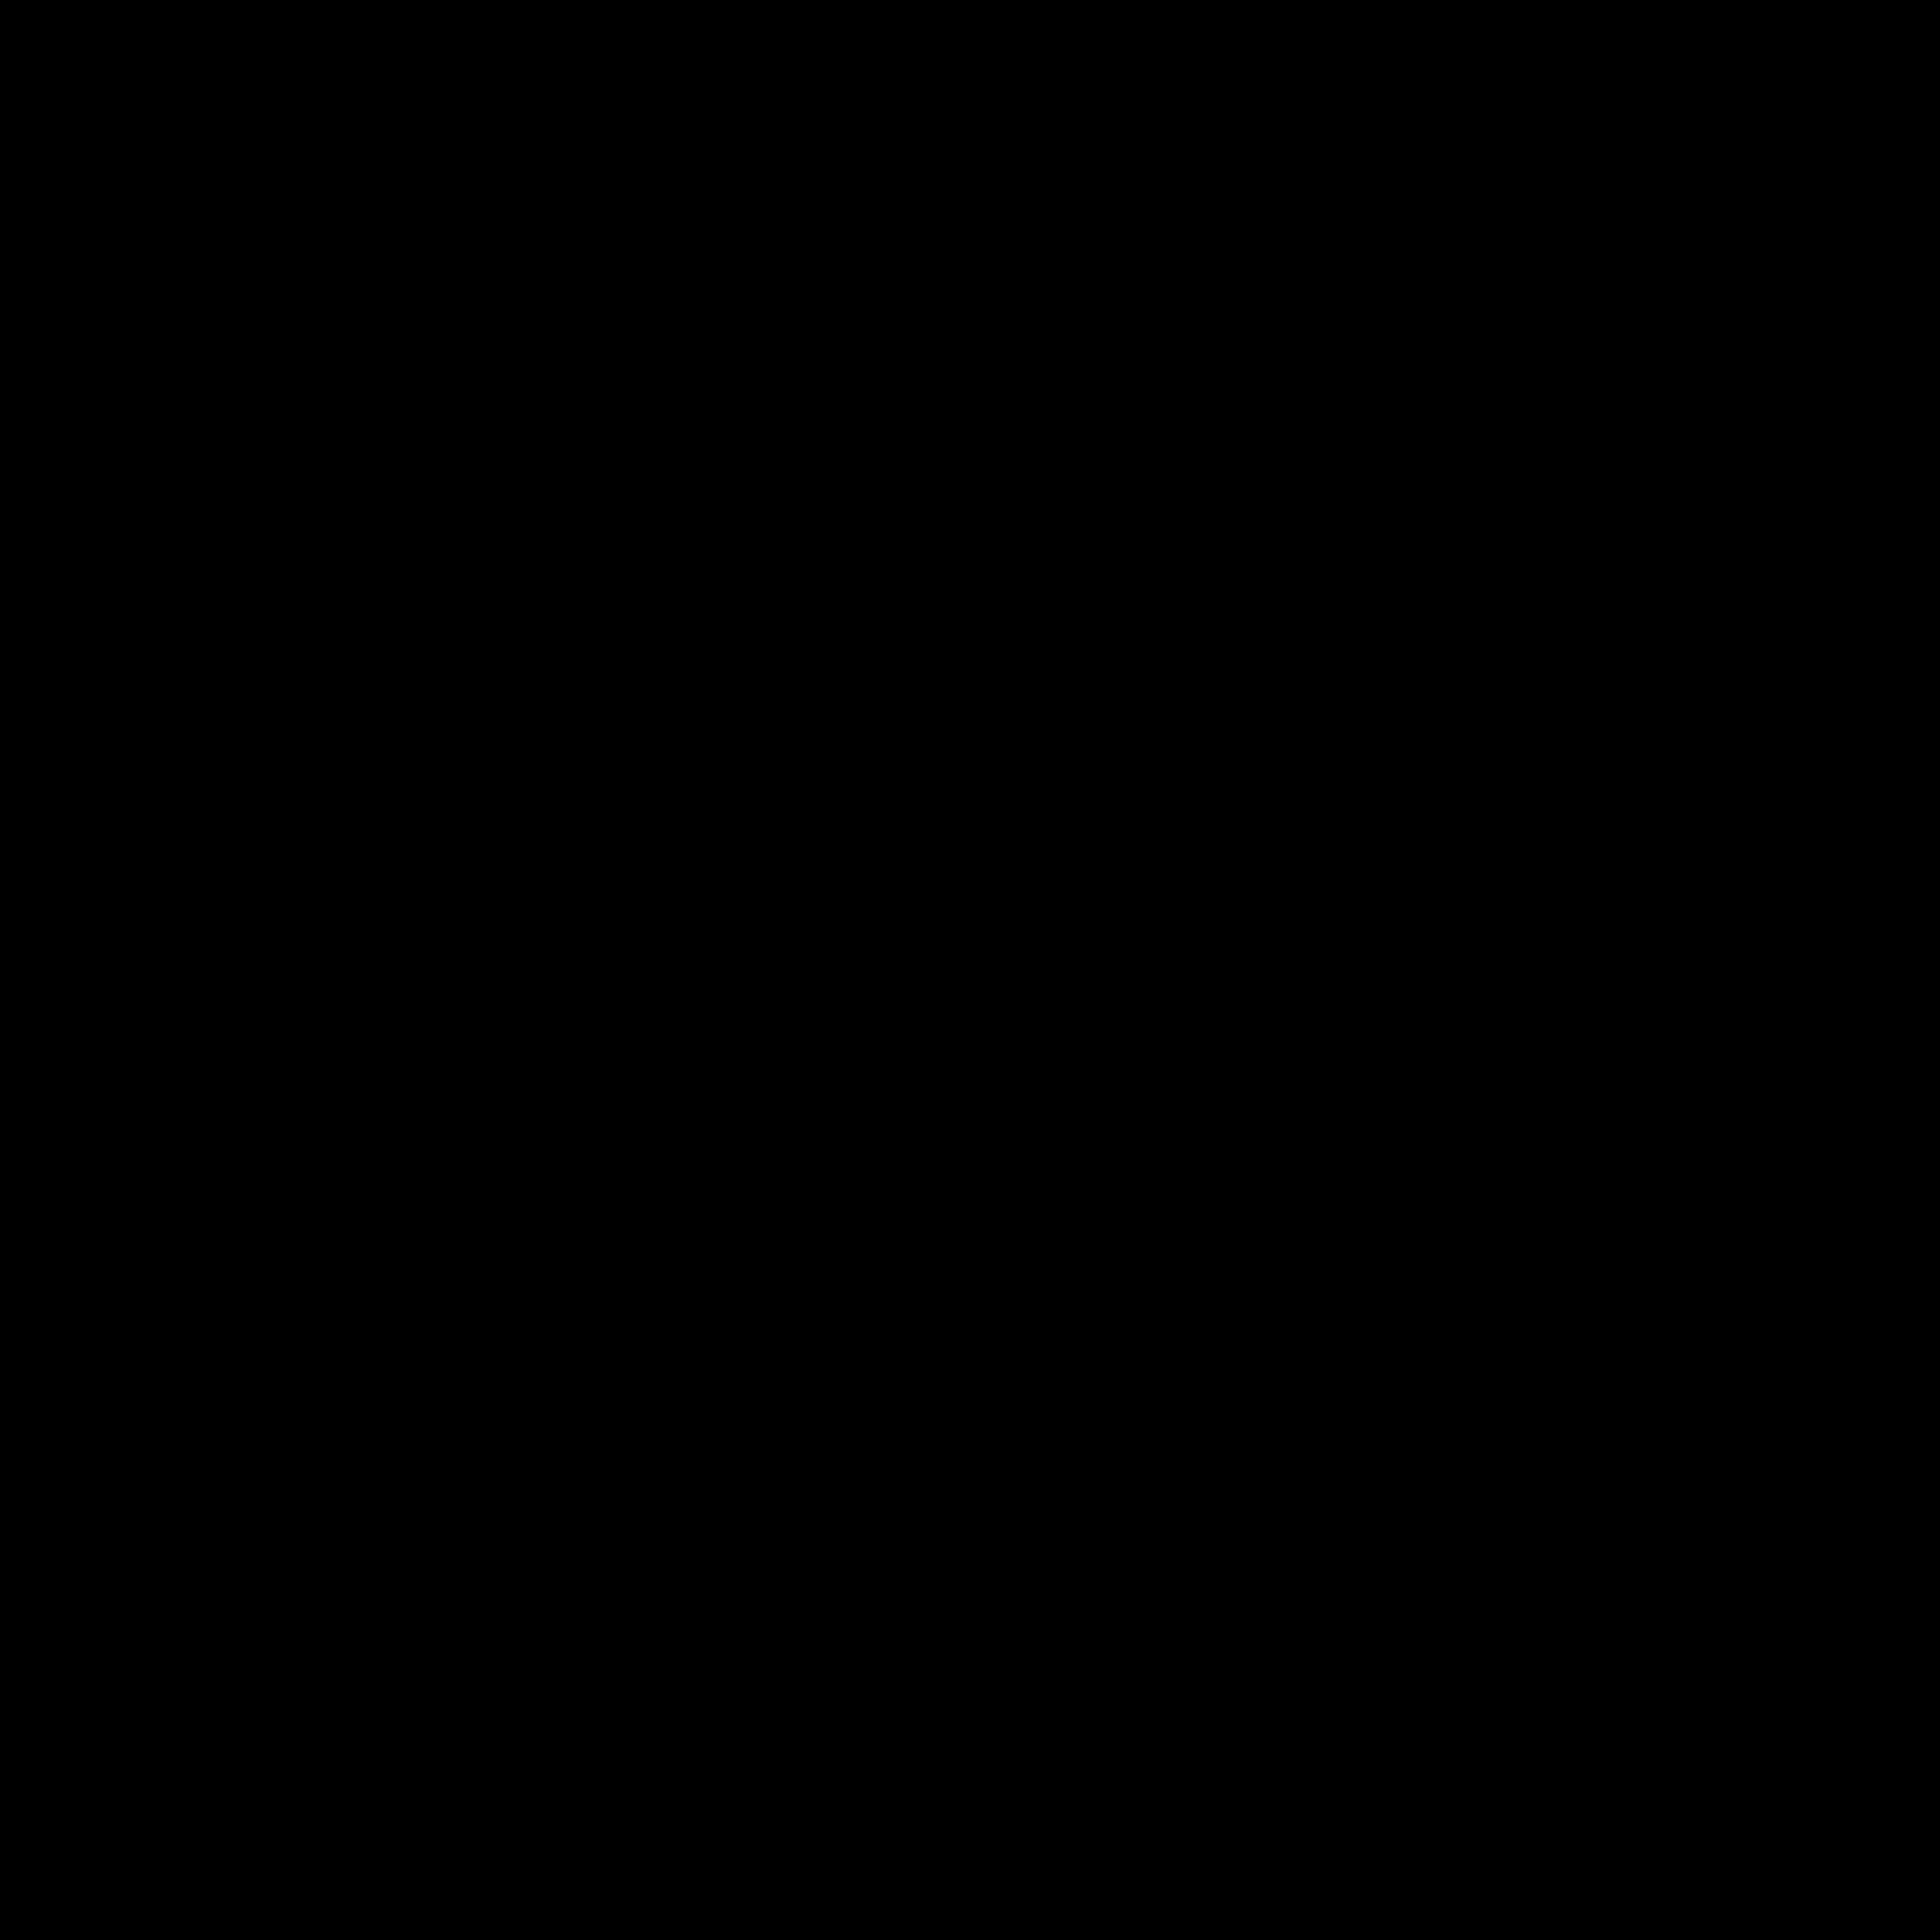 waste crisis icon